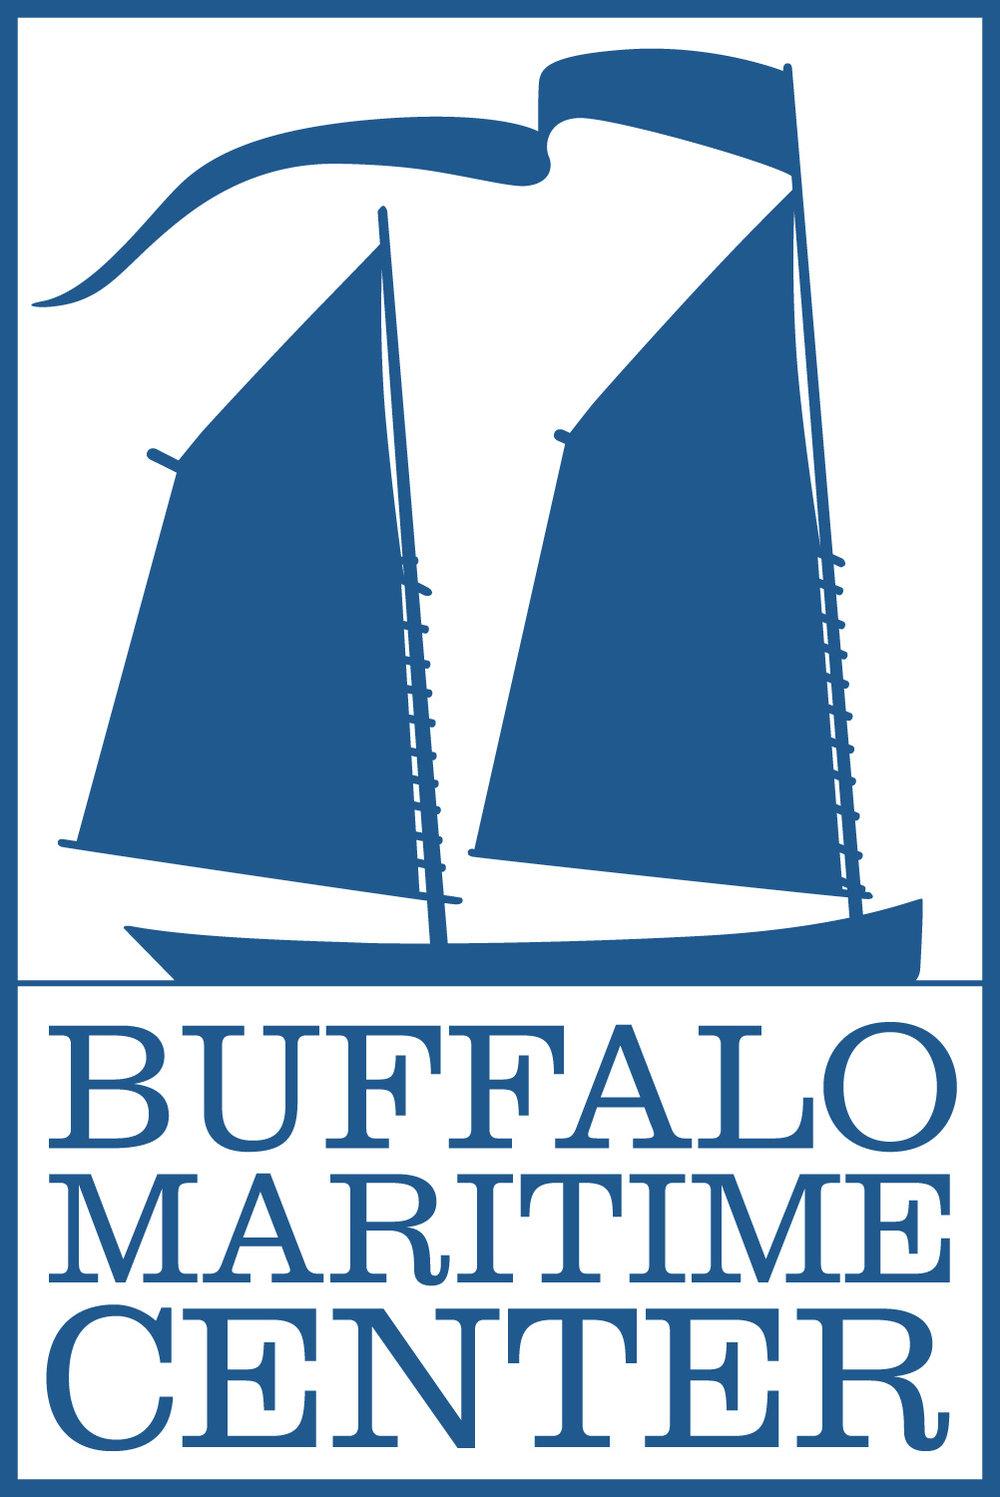 Buffalo-Maritime-Center.jpg